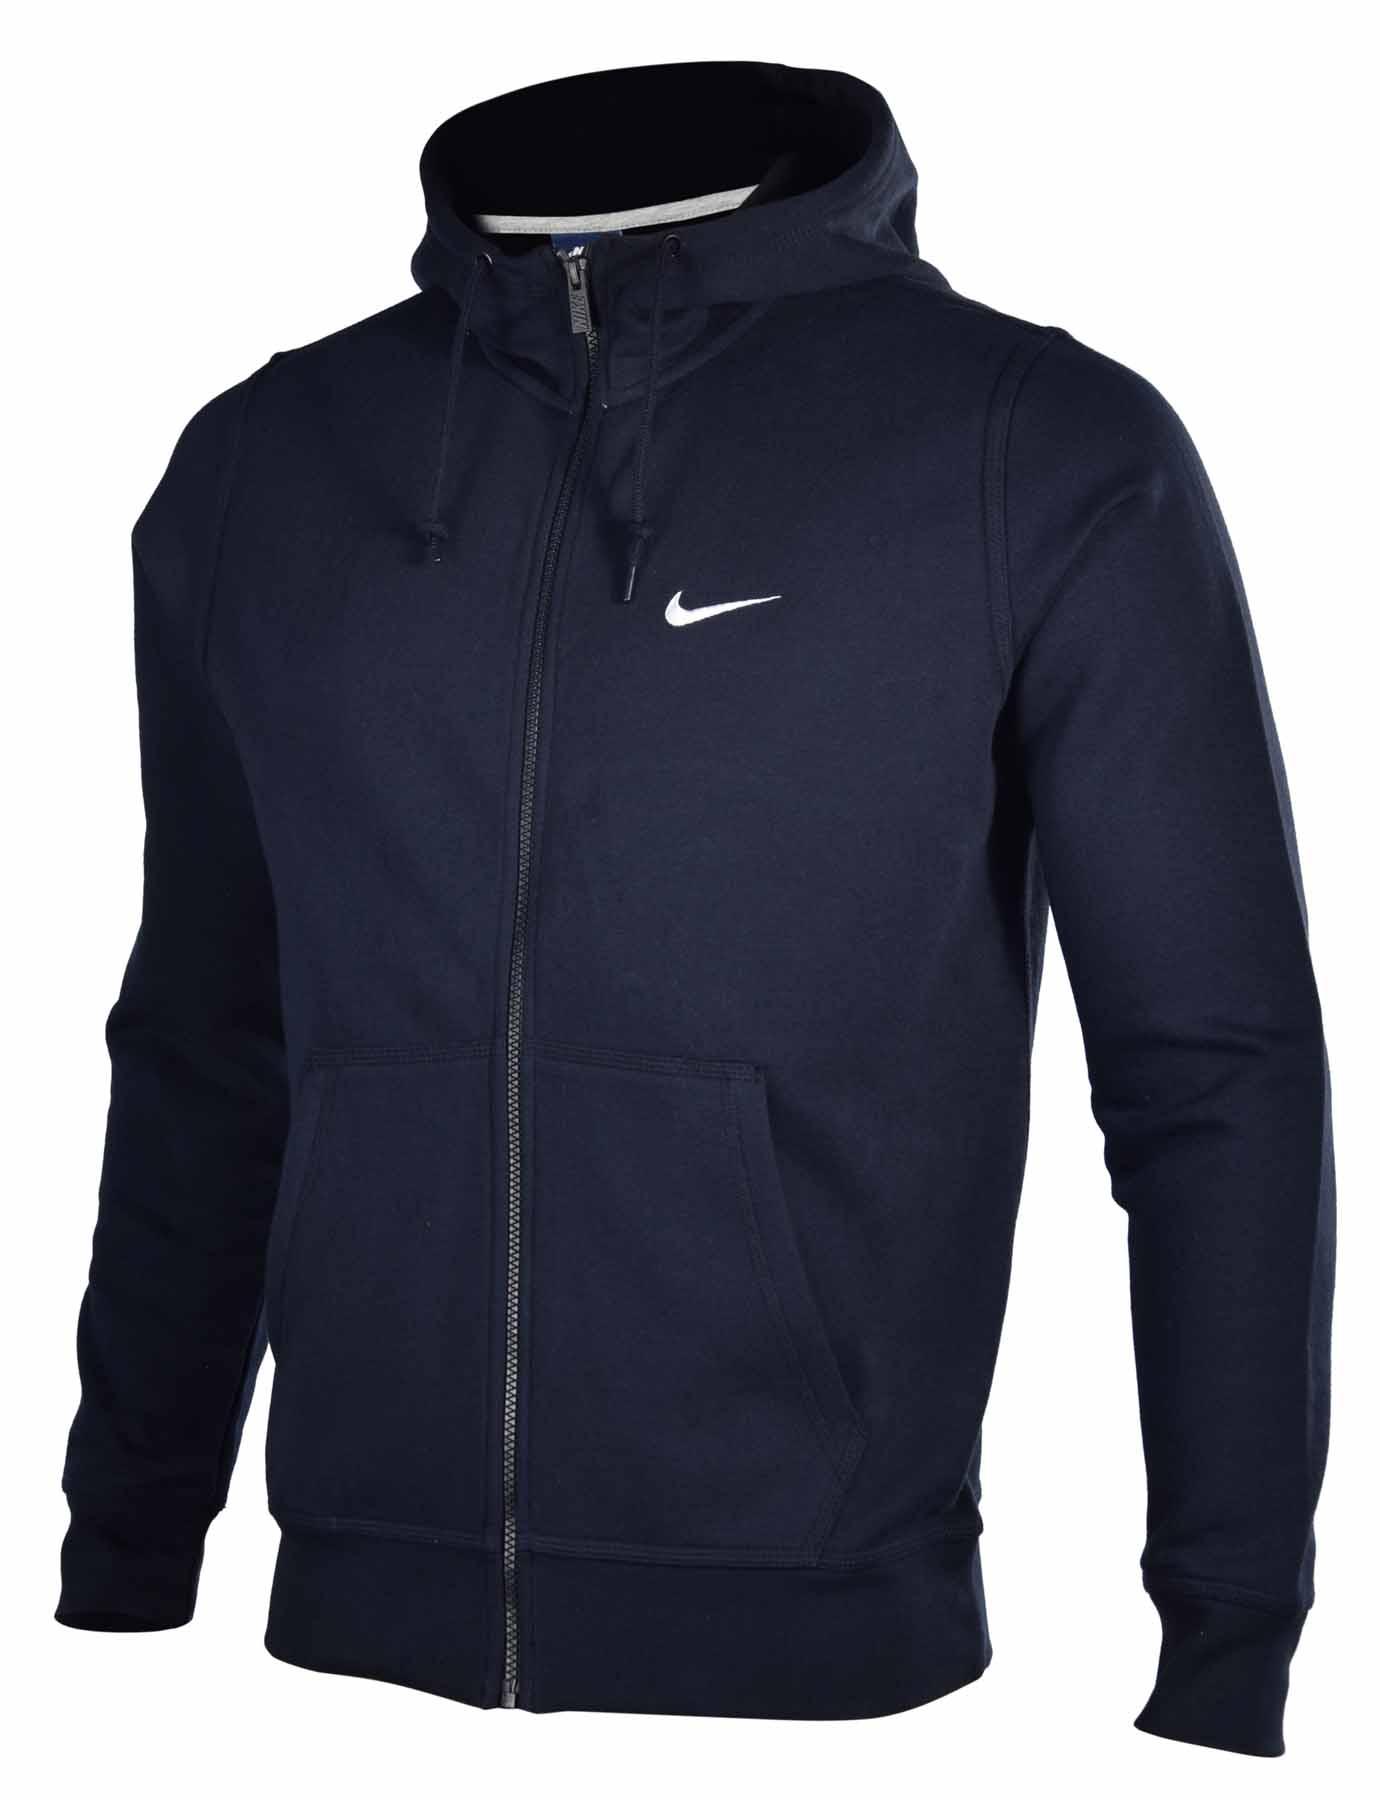 Nike CLUB SWOOSH Full Zip Hoodie - 639922 063